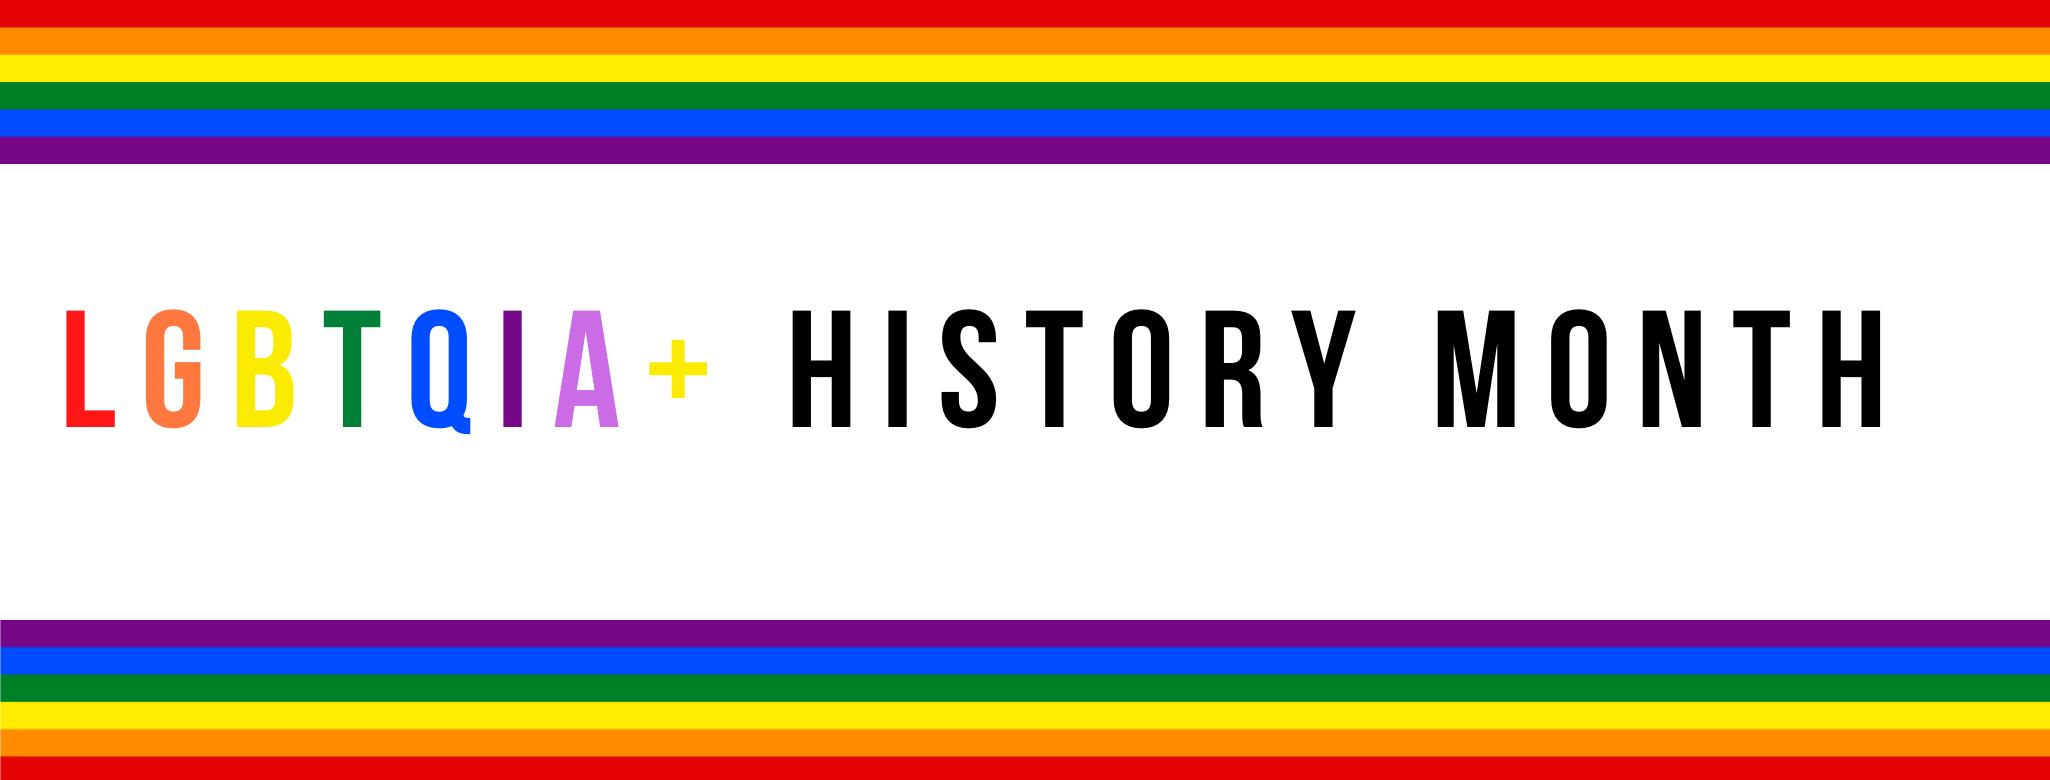 LGBTQIA+ Banner Art